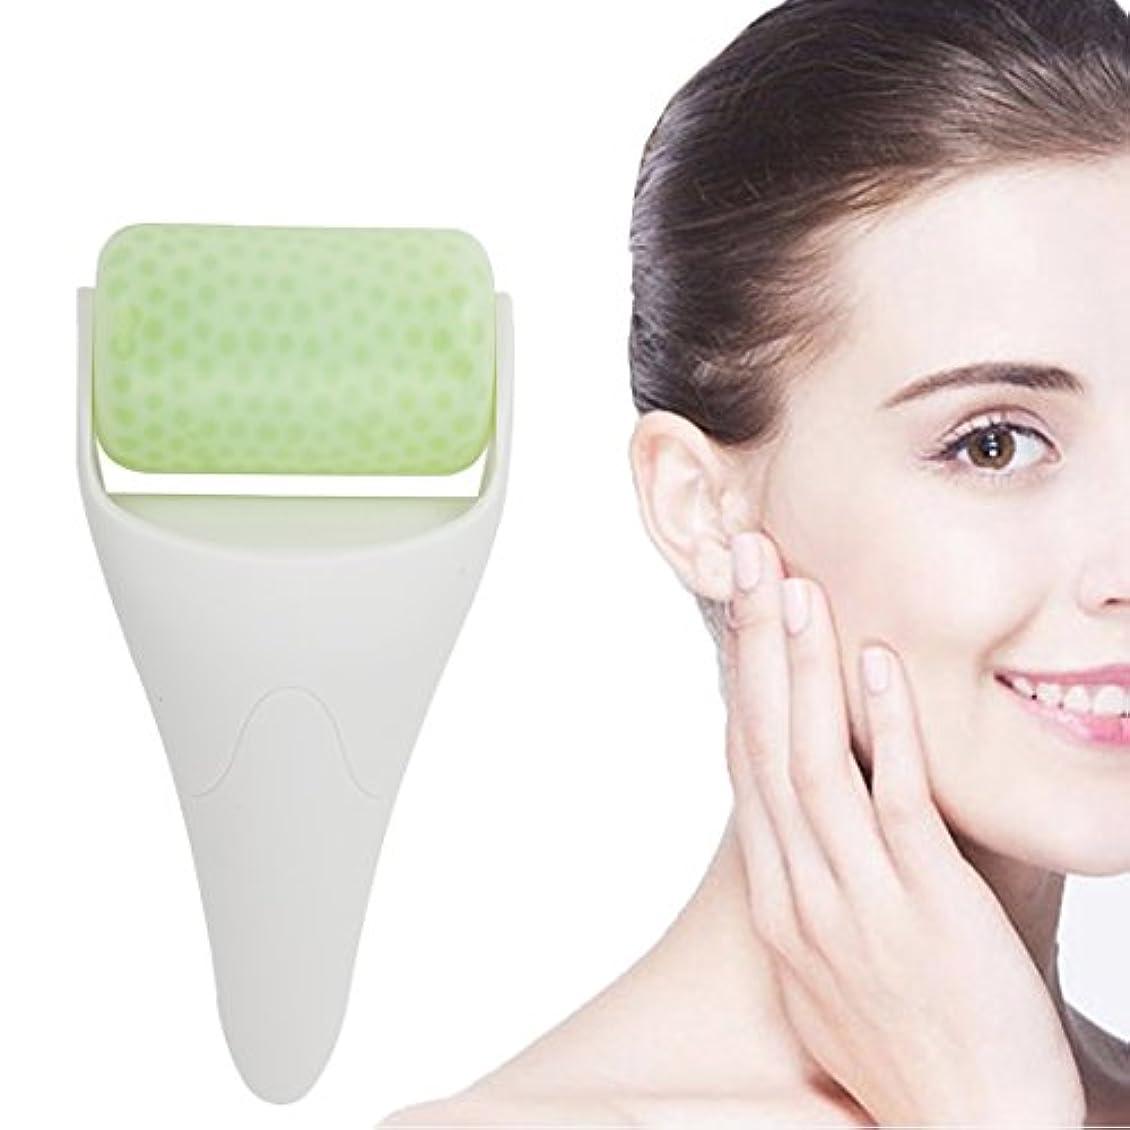 用量未払い洞窟フェイスローラー,冷却 フェイスアイスマッサージャー 携帯便利 美顔ローラー ボディー 美容 マッサージ器 ホワイト